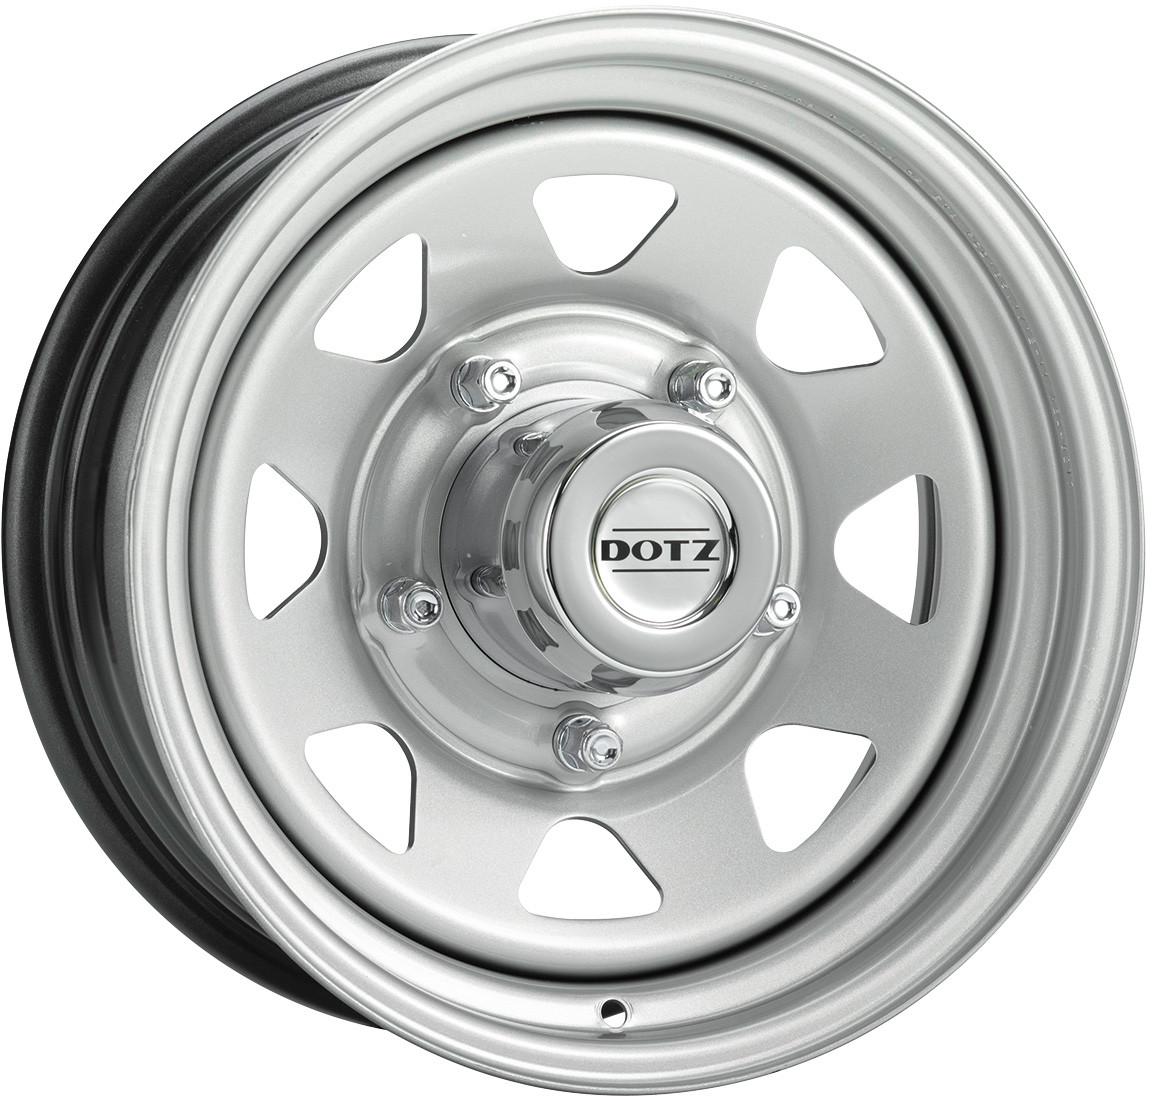 DOTZ 4X4 4X4 Dakar 7.00 x 16 5 x 130.0 ET 40